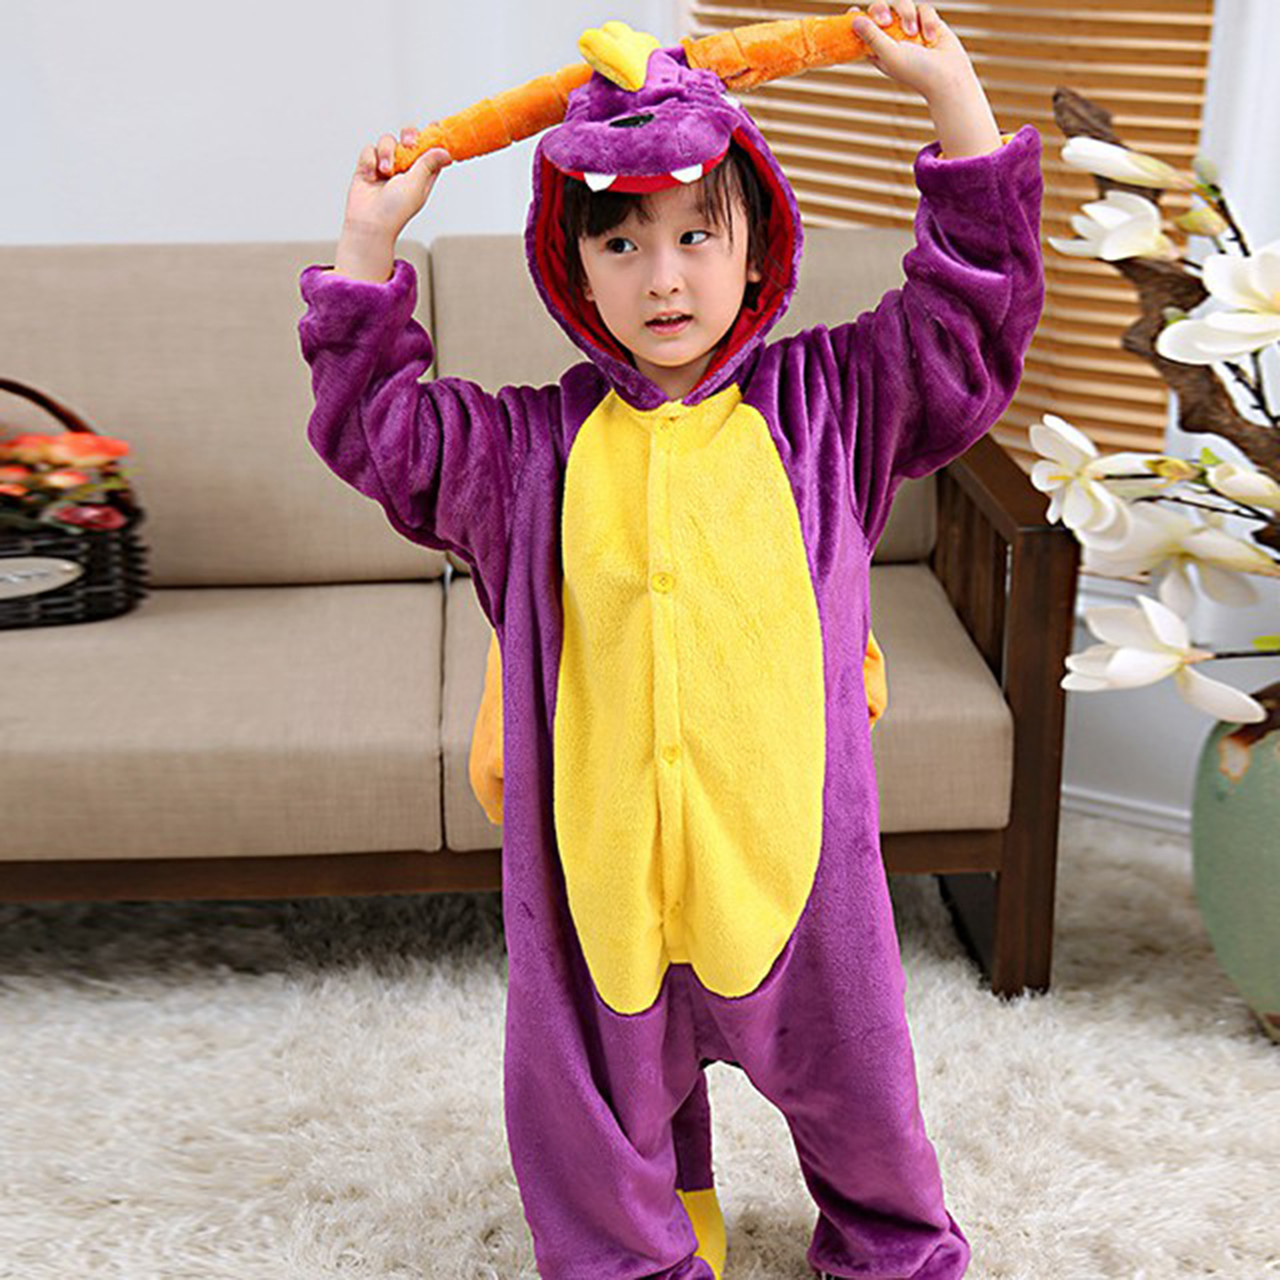 Кигуруми пижама детская фиолетовый Дракон цельная комбинезон унисекс